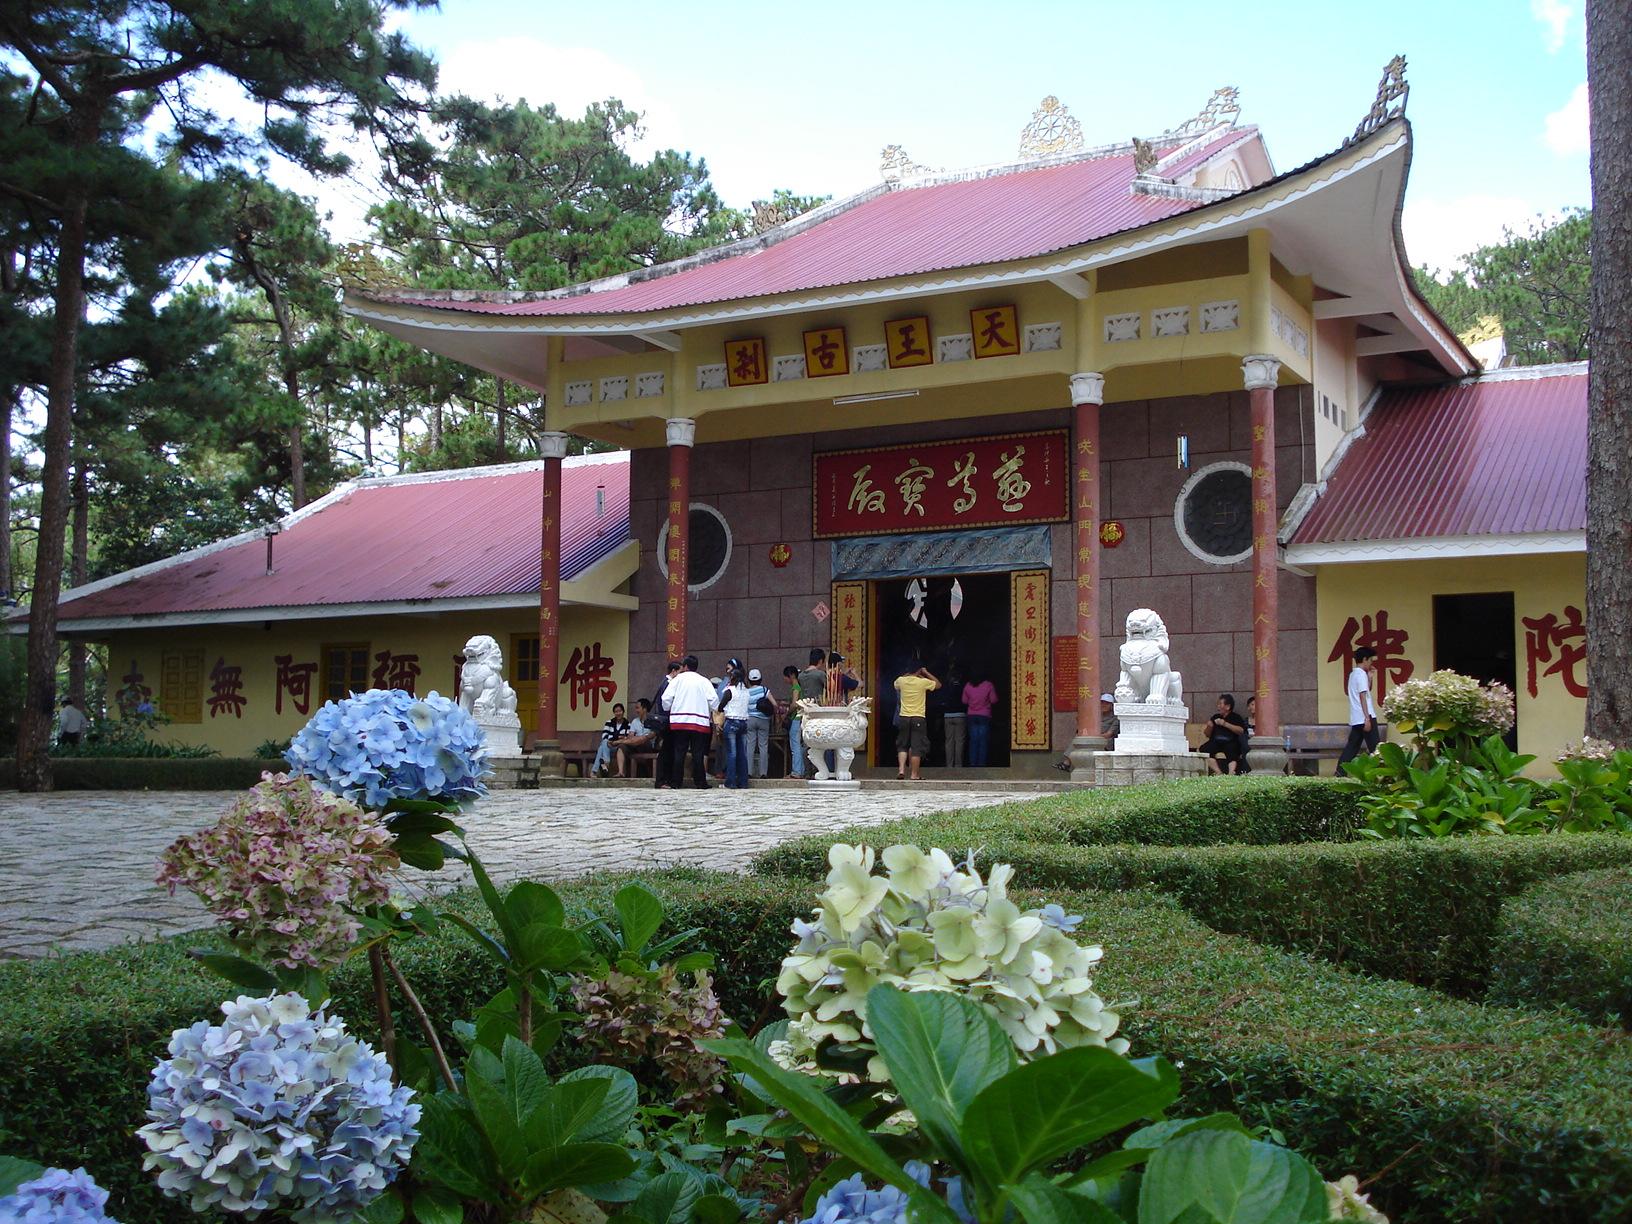 Tham quan chùa Tàu Thiên Vương Cổ Sát ở Đà Lạt